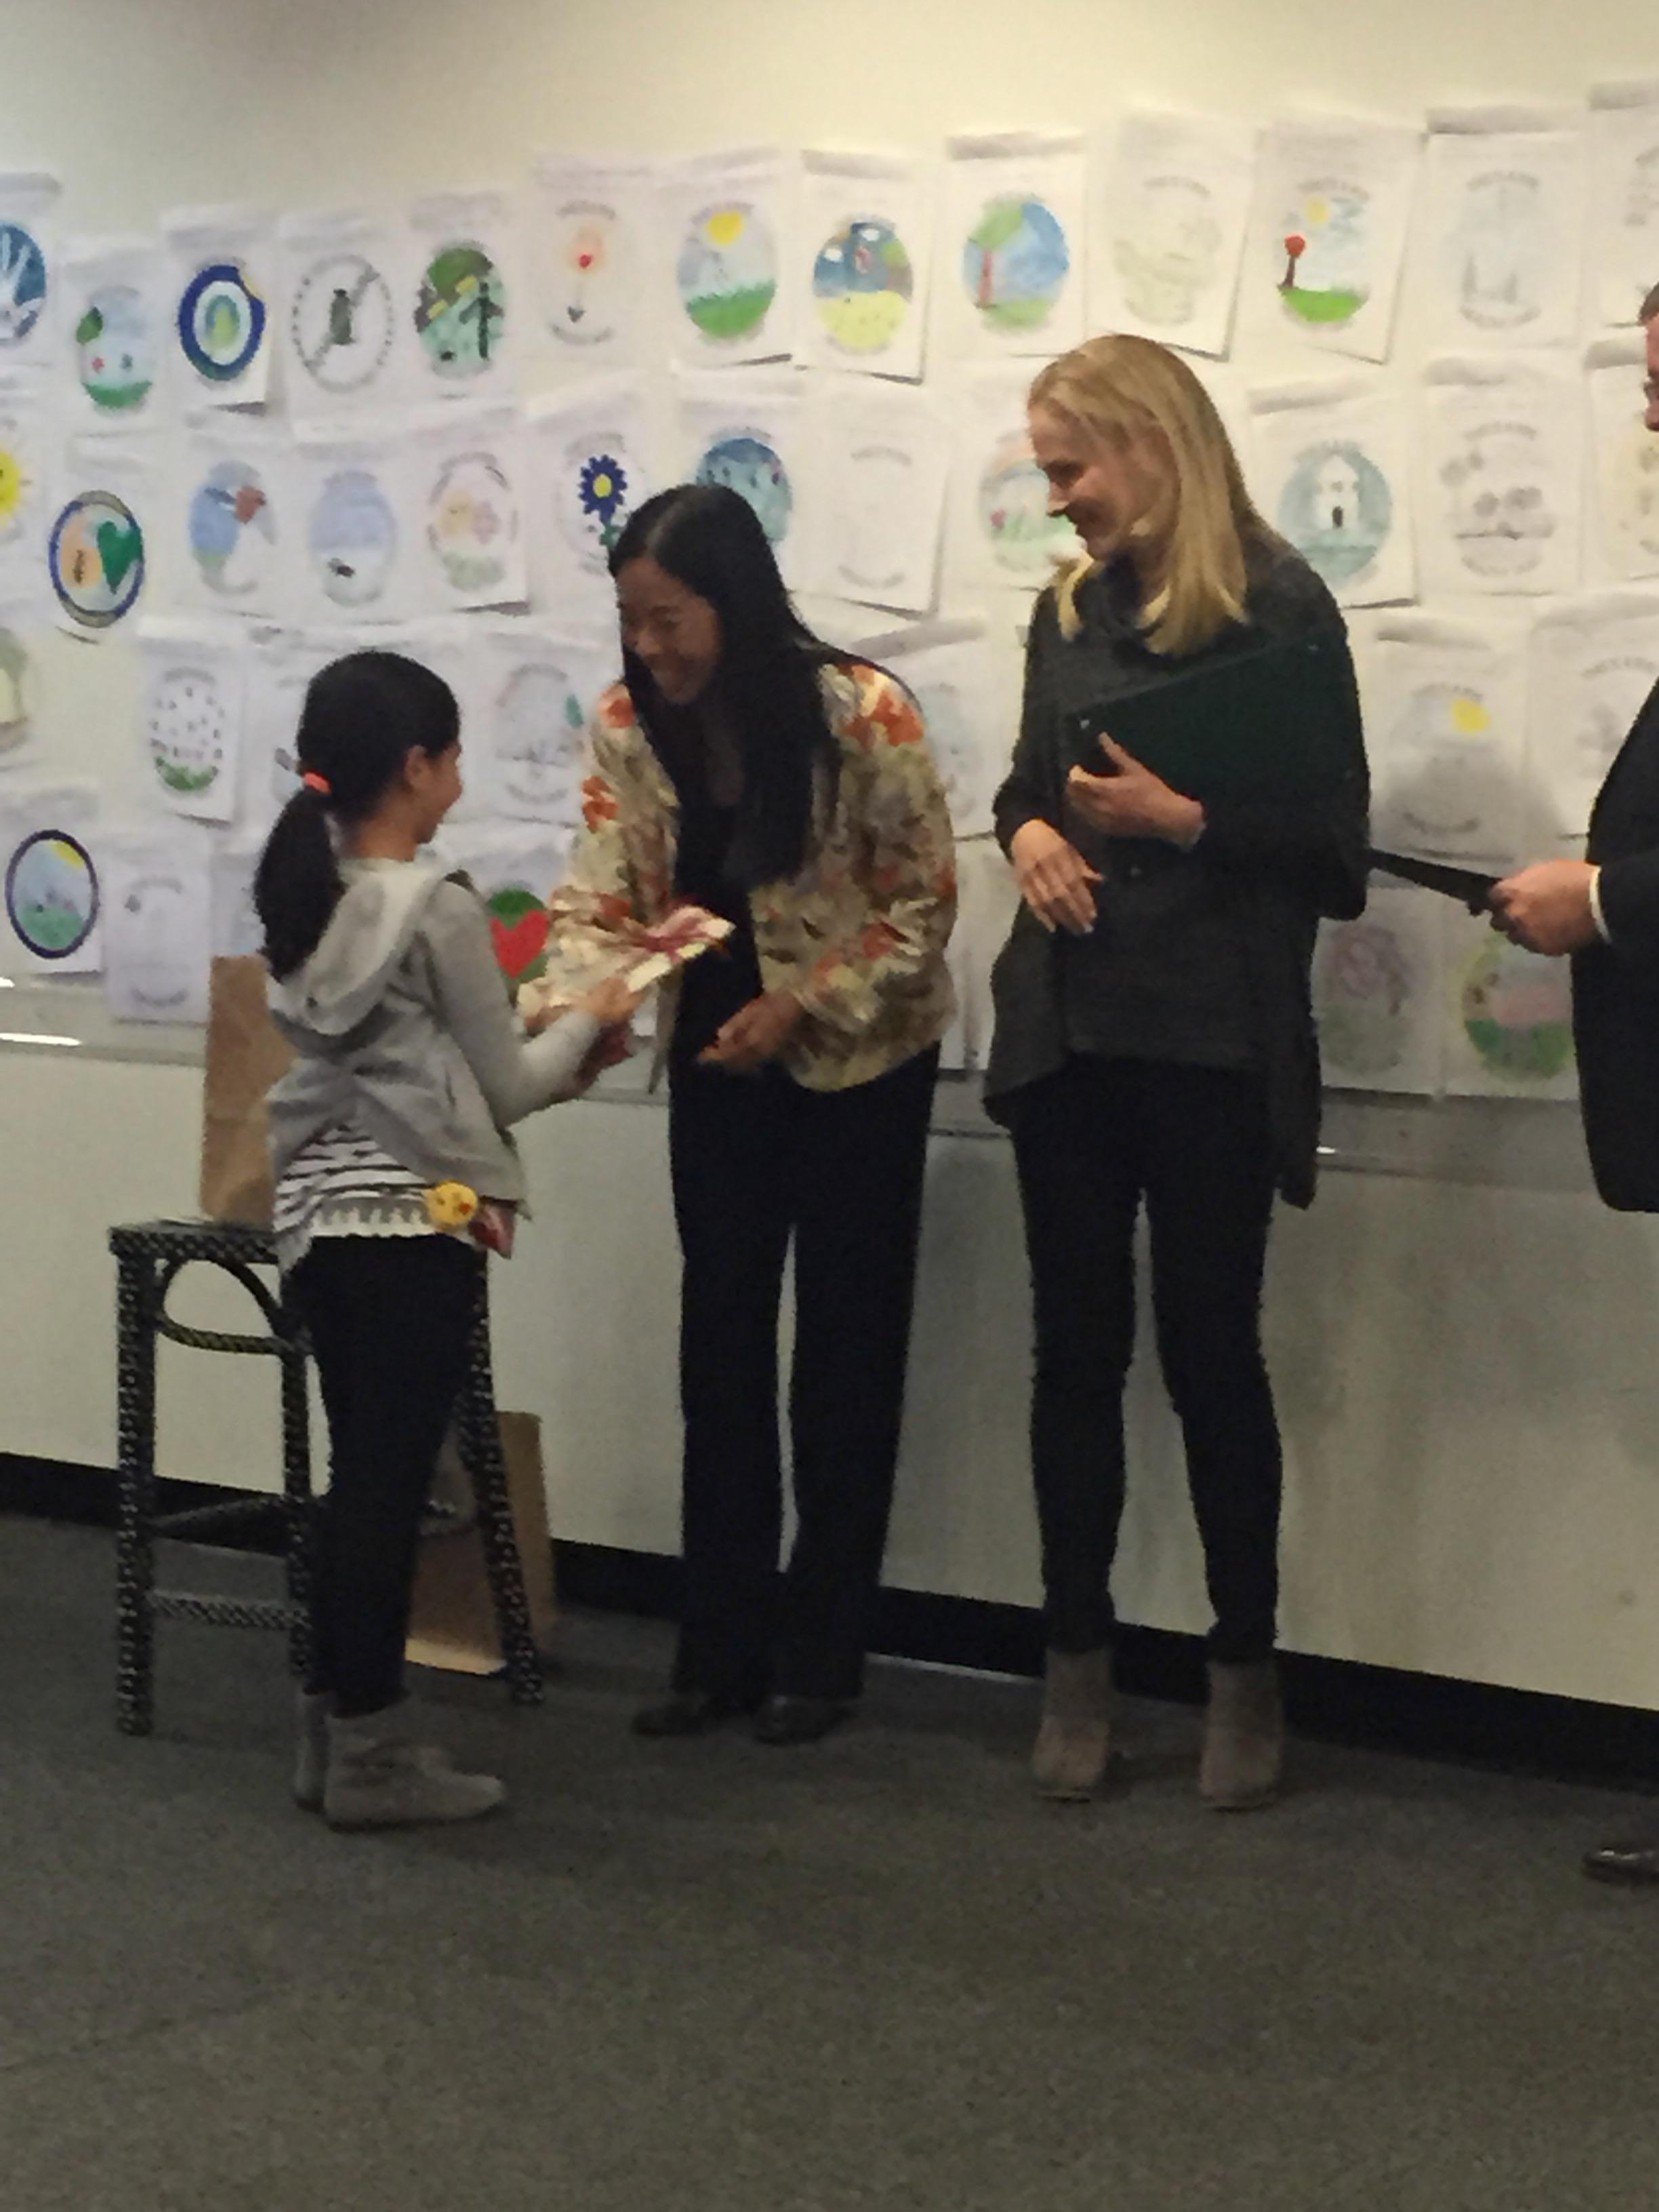 Julia Zanolin receives her award